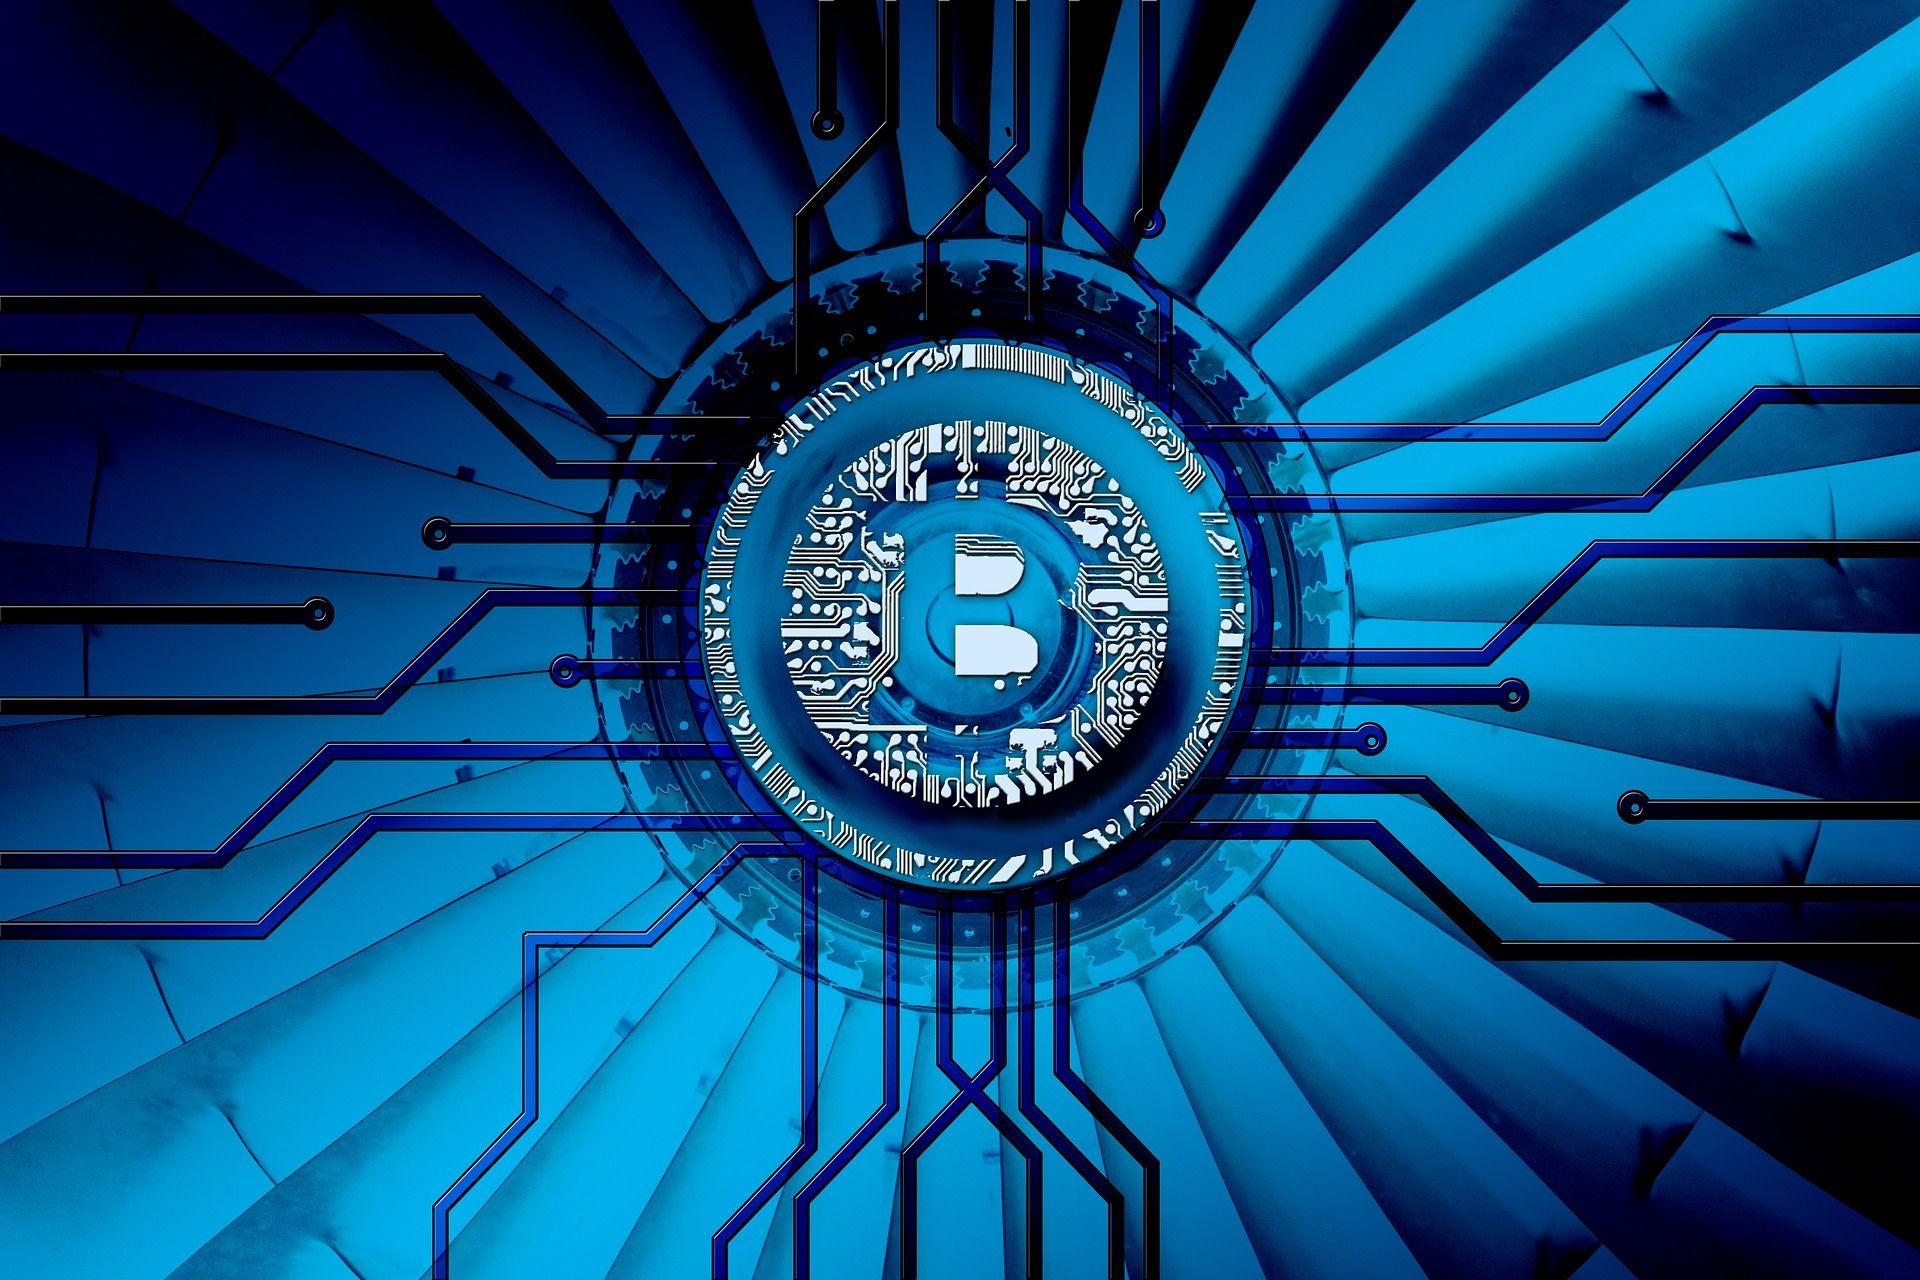 iota und bitcoin kaufen fdisk change disk label type